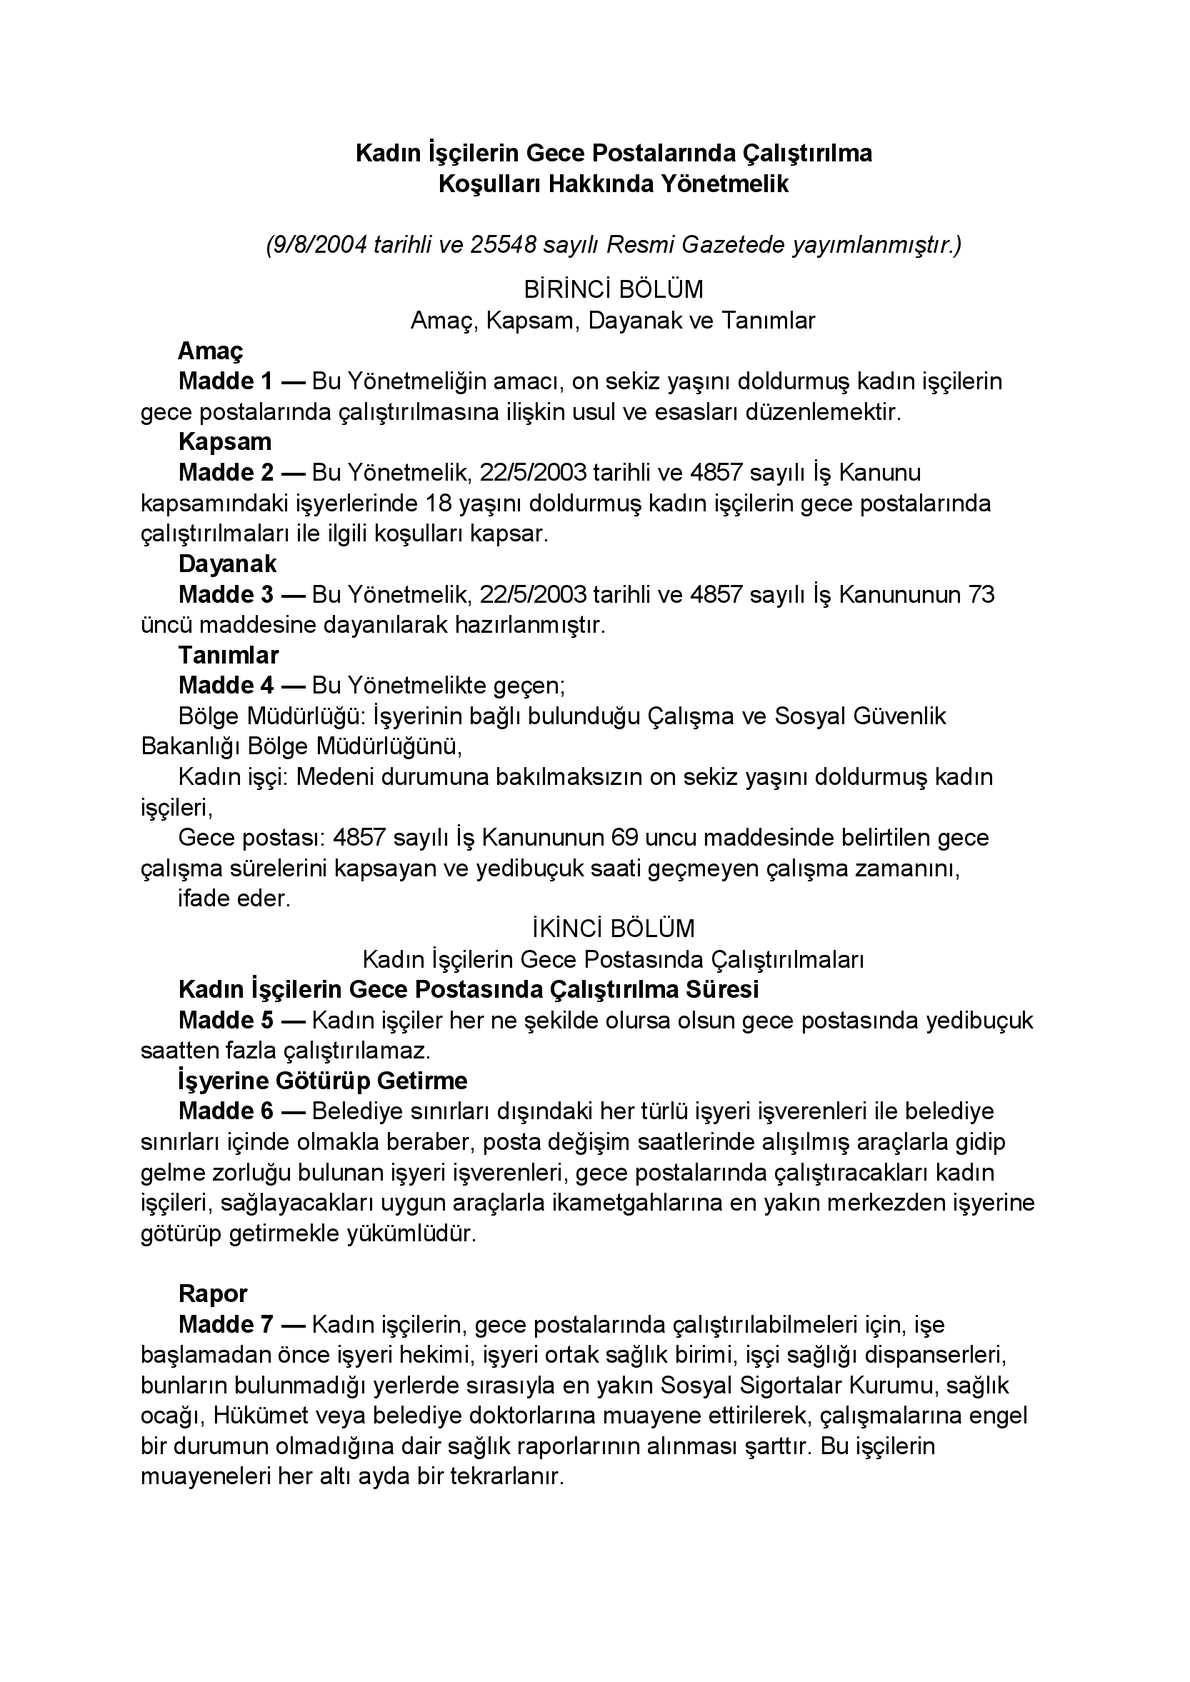 28297198-46-vardiyali-isler-ve-gece-calismasi-02